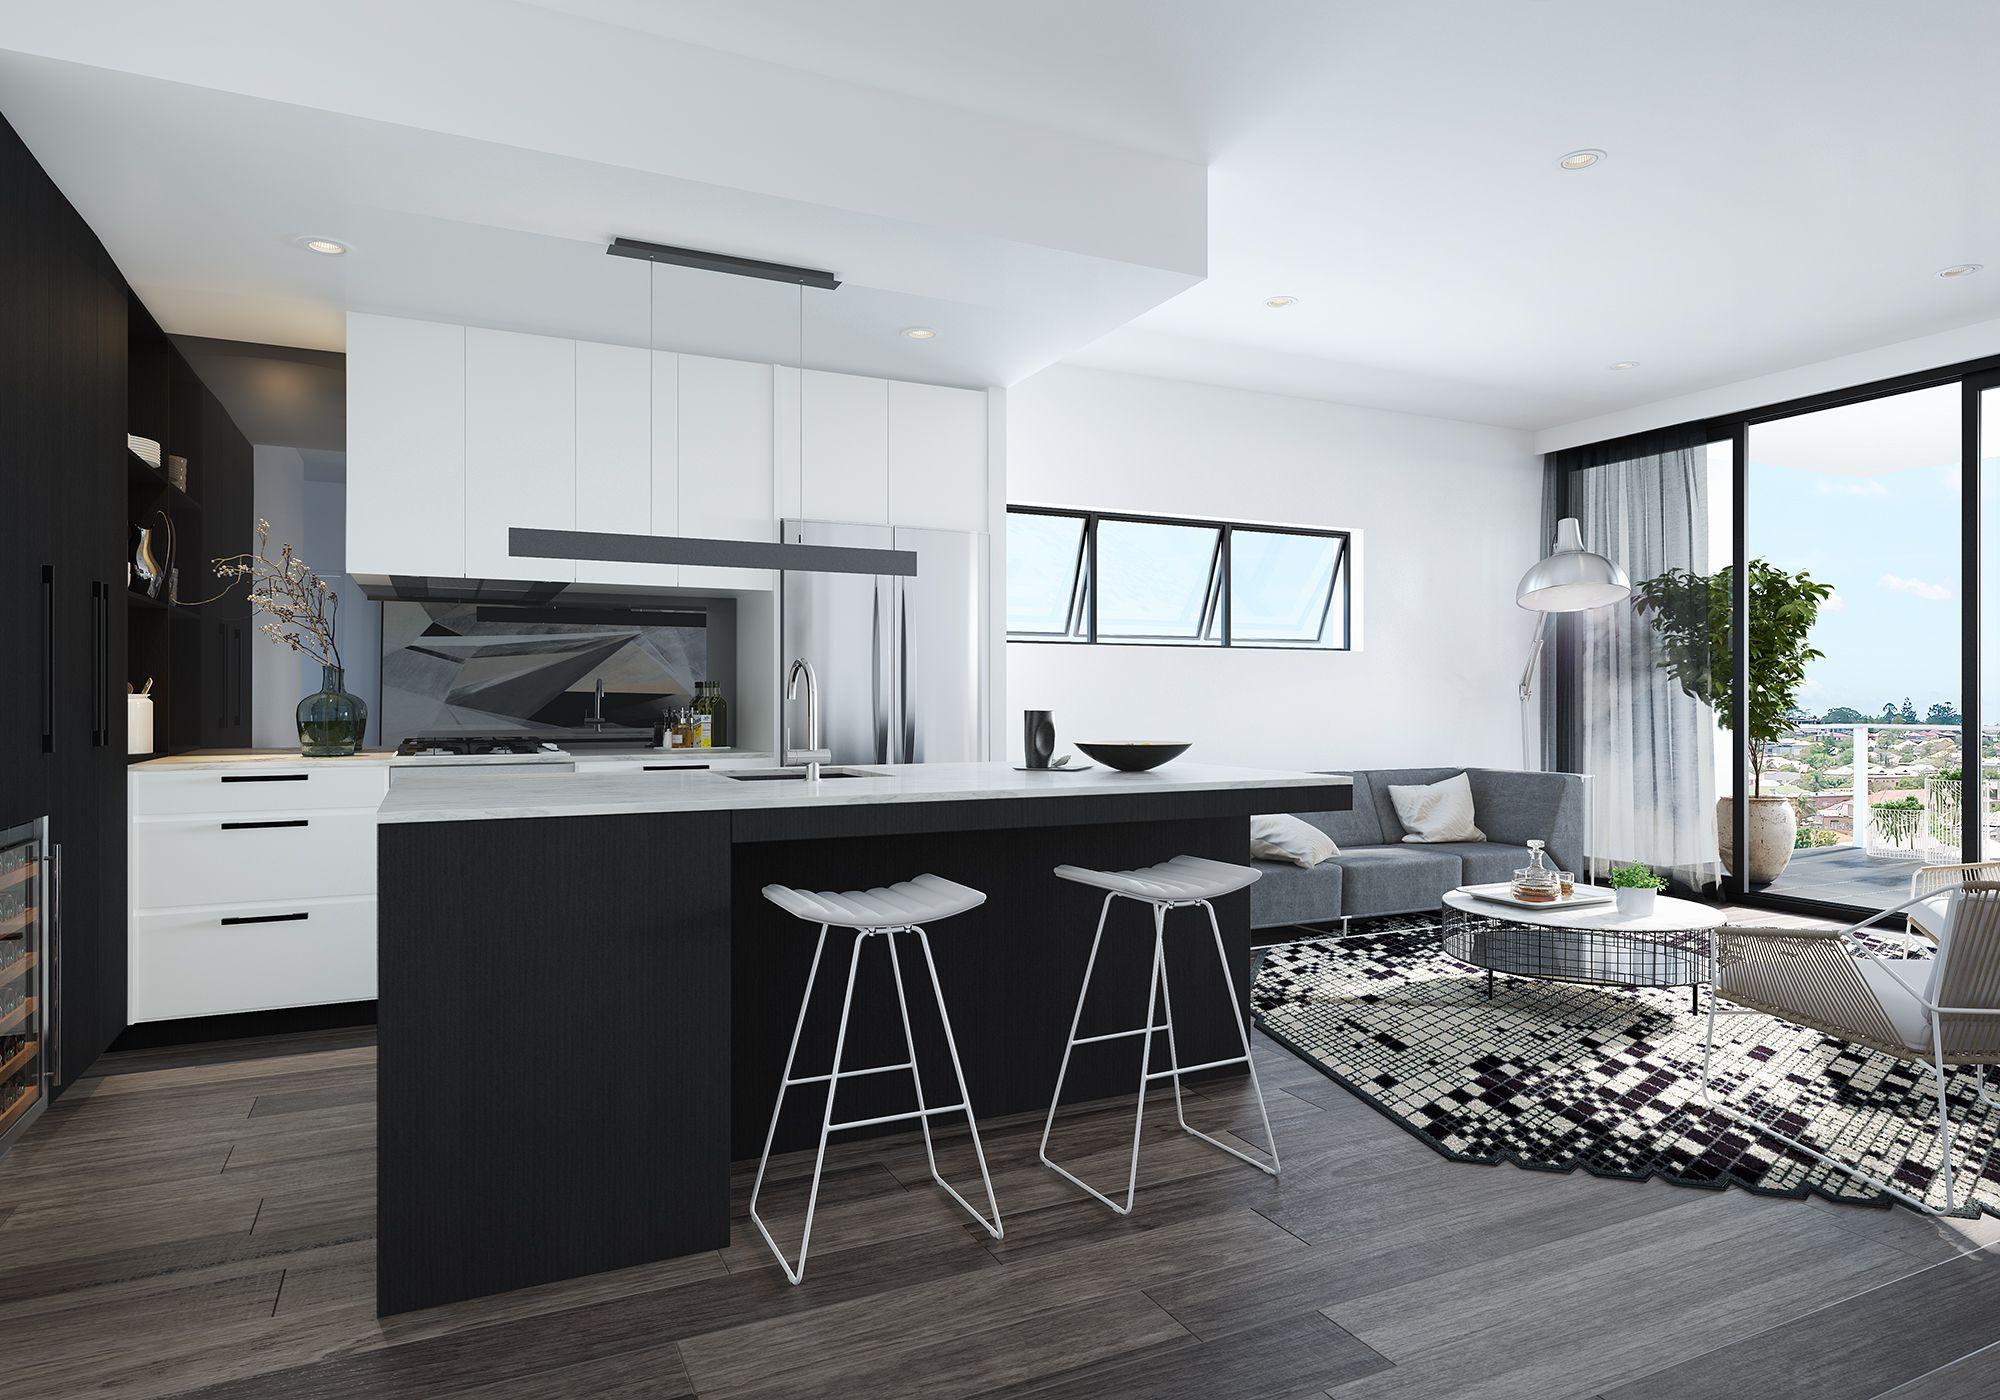 Argentum Renders Kitchen Design Apartment Living Multi Residential Architecture Interior DesignResidential ArchitectureBrisbane